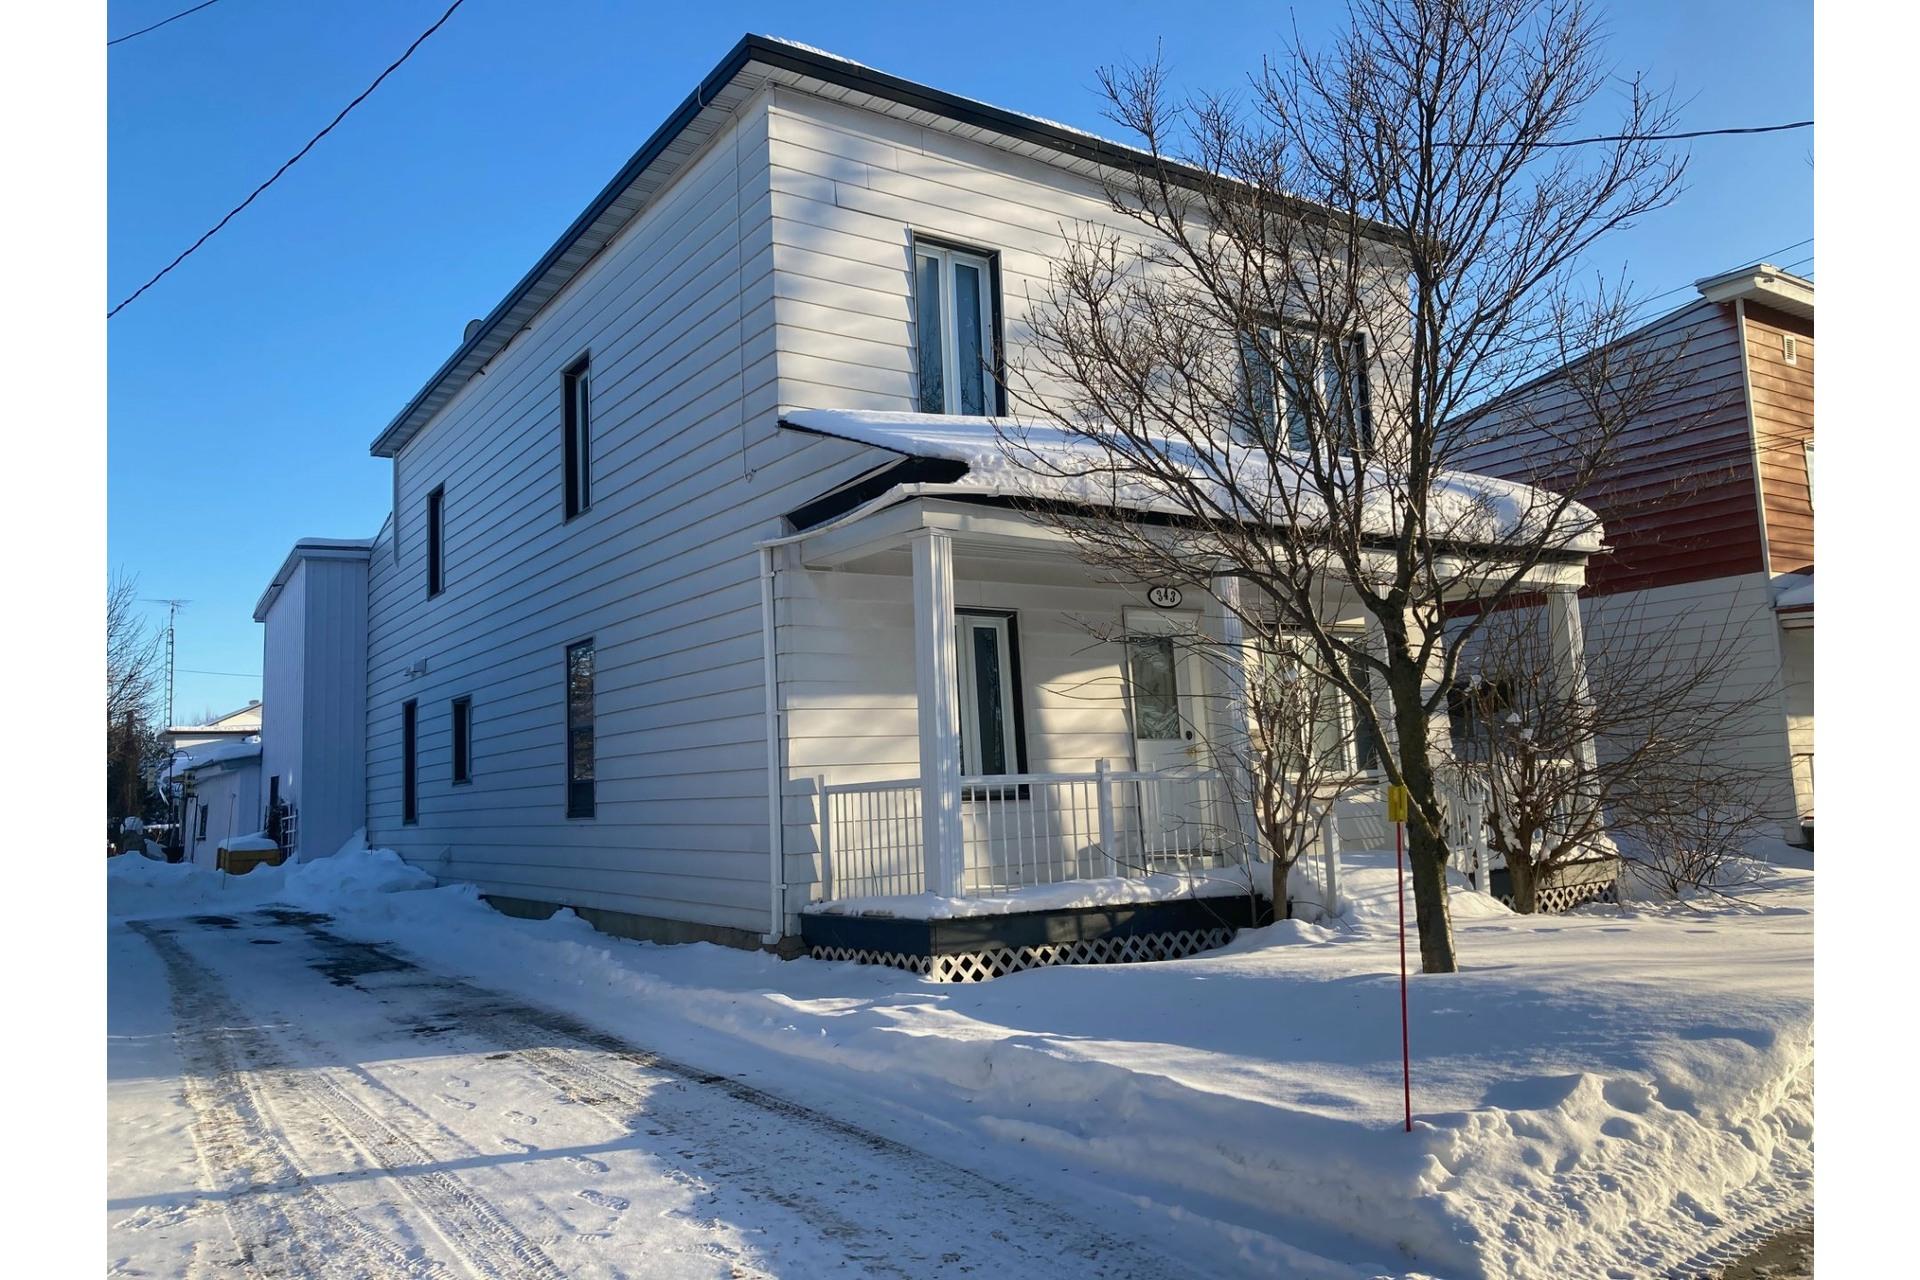 image 10 - Duplex For sale Joliette - 5 rooms